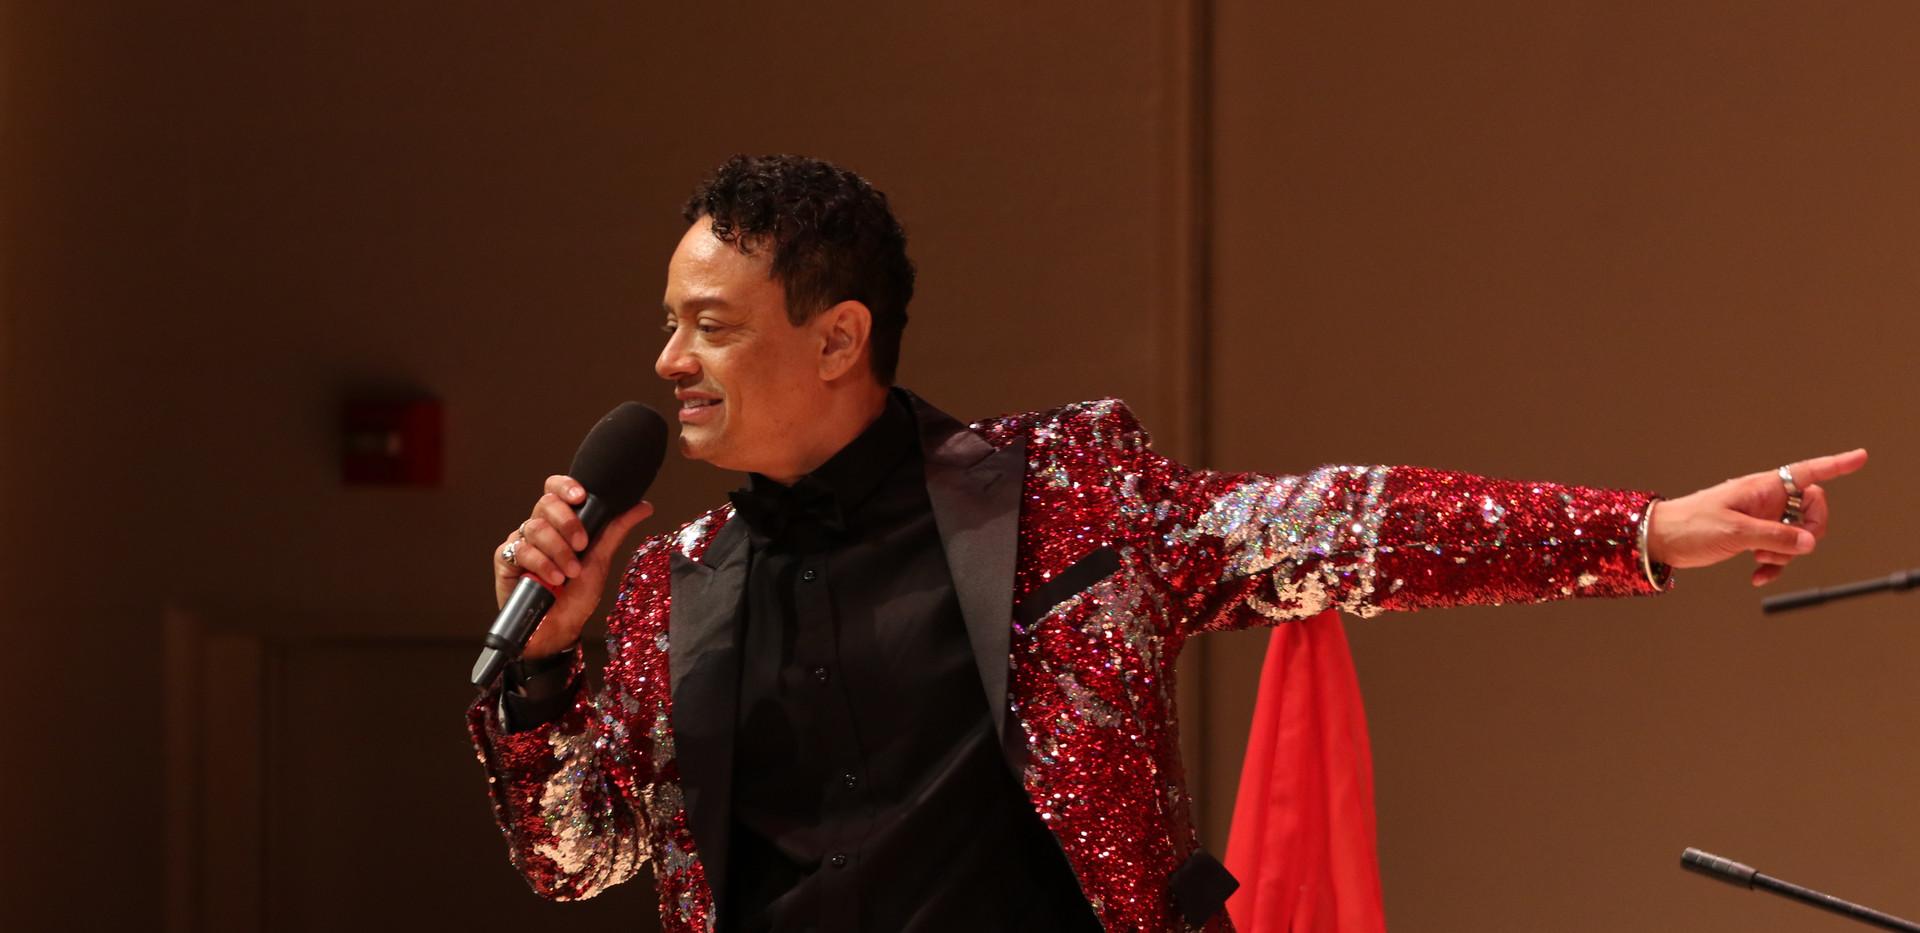 Javier Luis Live at Merkin Concert Hall